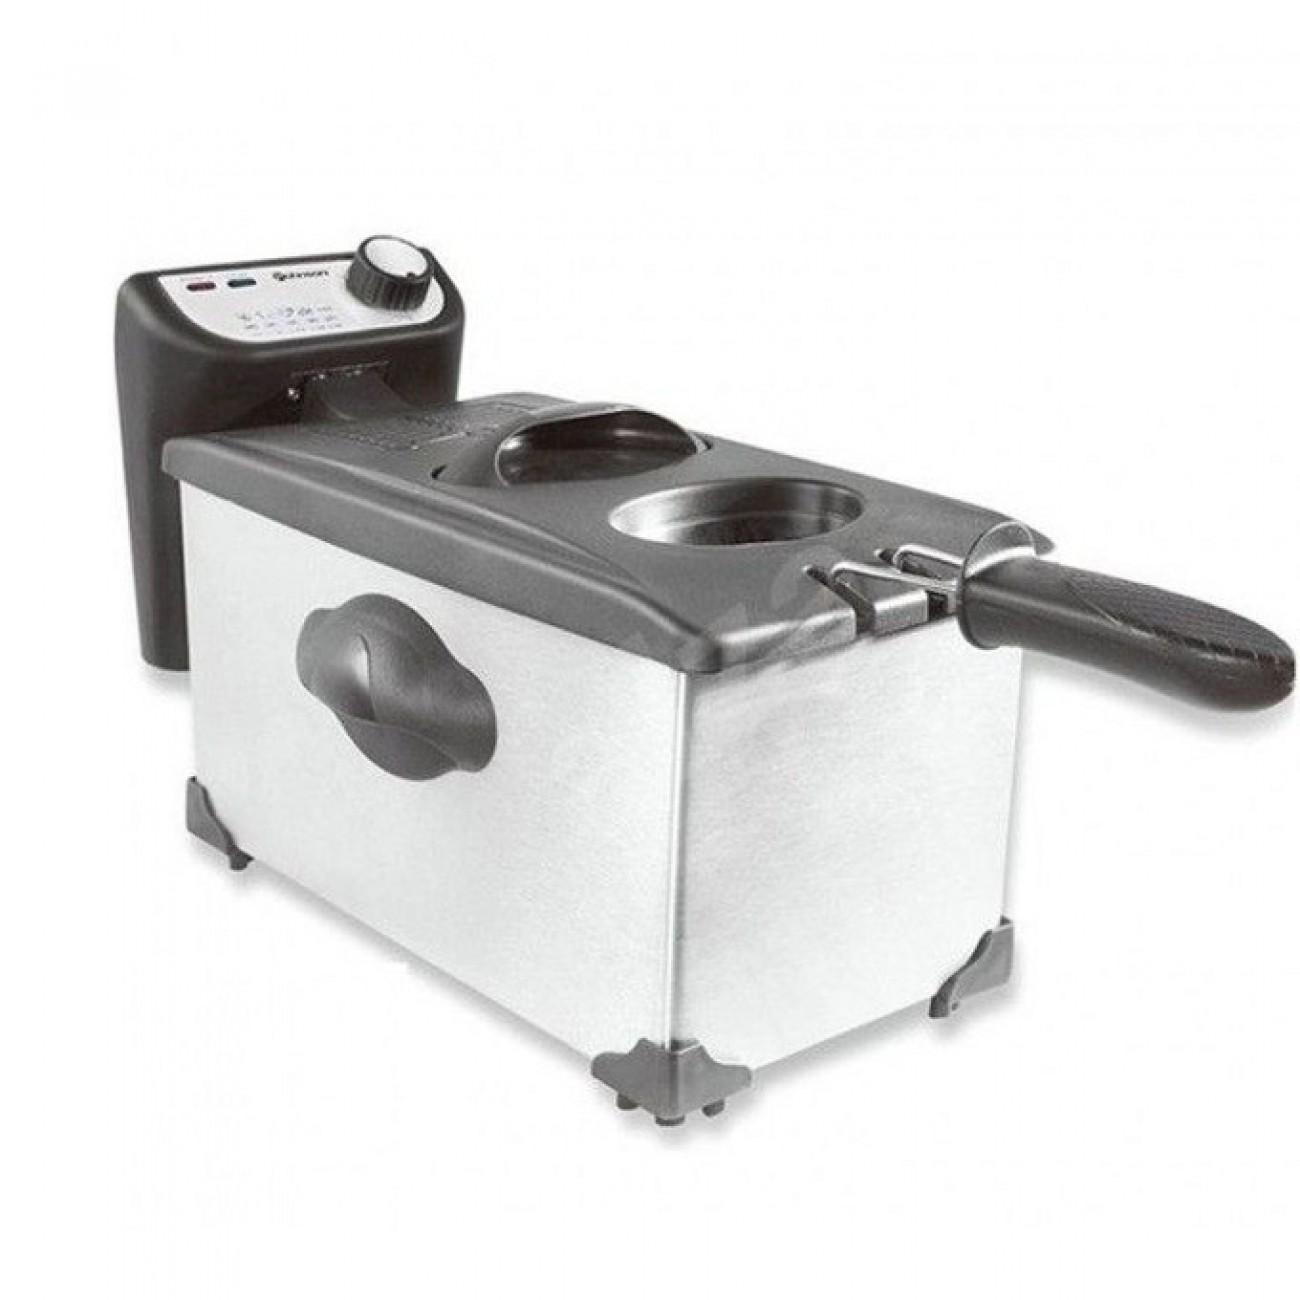 Фритюрник Rohnson R 281, 3 л. вместимост, термостат, 2000 W, инокс в Фритюрници -  | Alleop